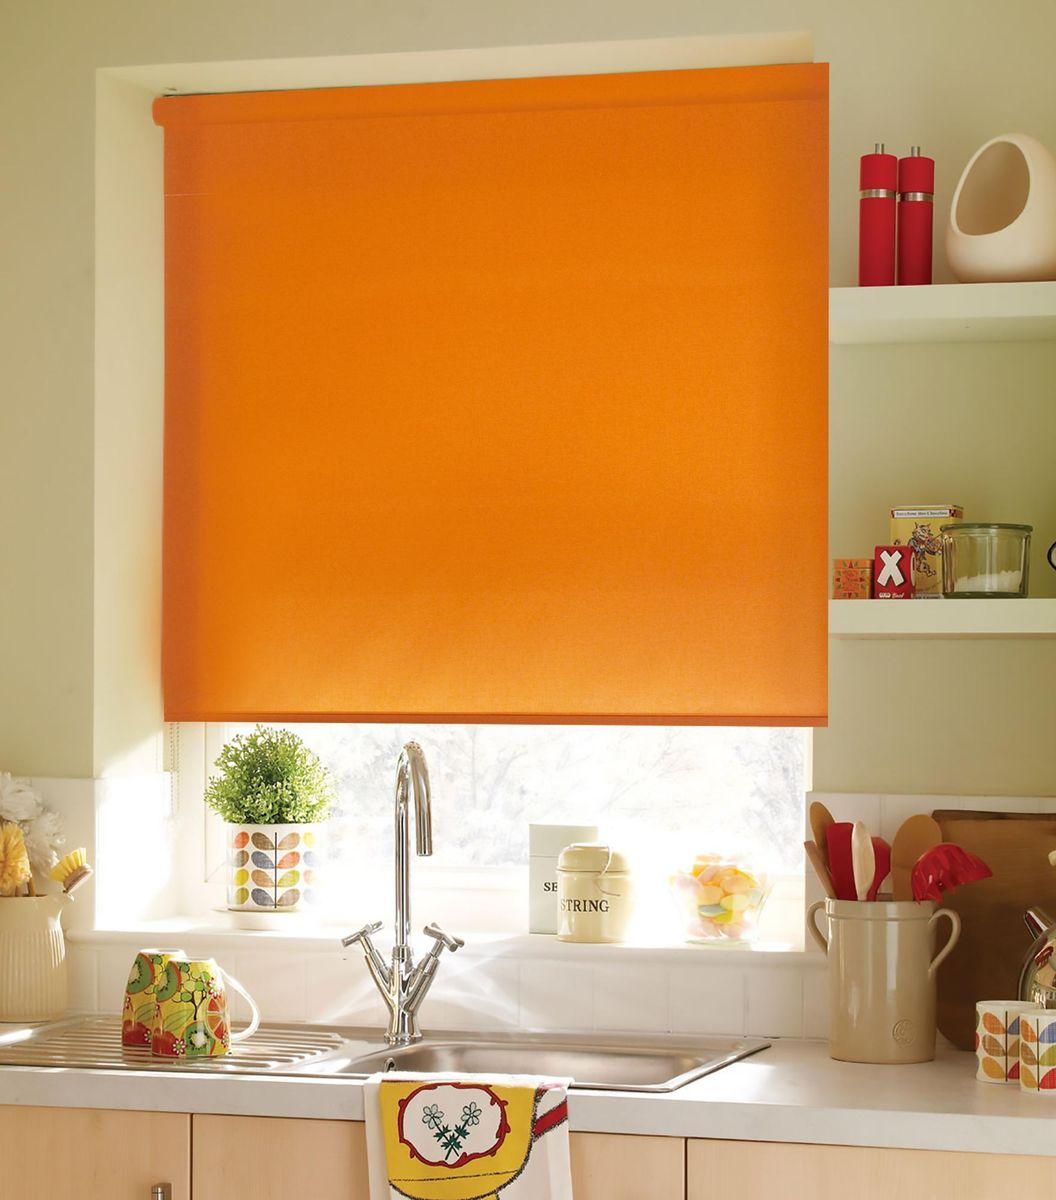 Штора рулонная Эскар, цвет: апельсиновый, ширина 140 см, высота 170 смMW-3101Рулонными шторами можно оформлять окна как самостоятельно, так и использовать в комбинации с портьерами. Это поможет предотвратить выгорание дорогой ткани на солнце и соединит функционал рулонных с красотой навесных.Преимущества применения рулонных штор для пластиковых окон:- имеют прекрасный внешний вид: многообразие и фактурность материала изделия отлично смотрятся в любом интерьере; - многофункциональны: есть возможность подобрать шторы способные эффективно защитить комнату от солнца, при этом о на не будет слишком темной. - Есть возможность осуществить быстрый монтаж. ВНИМАНИЕ! Размеры ширины изделия указаны по ширине ткани!Во время эксплуатации не рекомендуется полностью разматывать рулон, чтобы не оторвать ткань от намоточного вала.В случае загрязнения поверхности ткани, чистку шторы проводят одним из способов, в зависимости от типа загрязнения: легкое поверхностное загрязнение можно удалить при помощи канцелярского ластика; чистка от пыли производится сухим методом при помощи пылесоса с мягкой щеткой-насадкой; для удаления пятна используйте мягкую губку с пенообразующим неагрессивным моющим средством или пятновыводитель на натуральной основе (нельзя применять растворители).